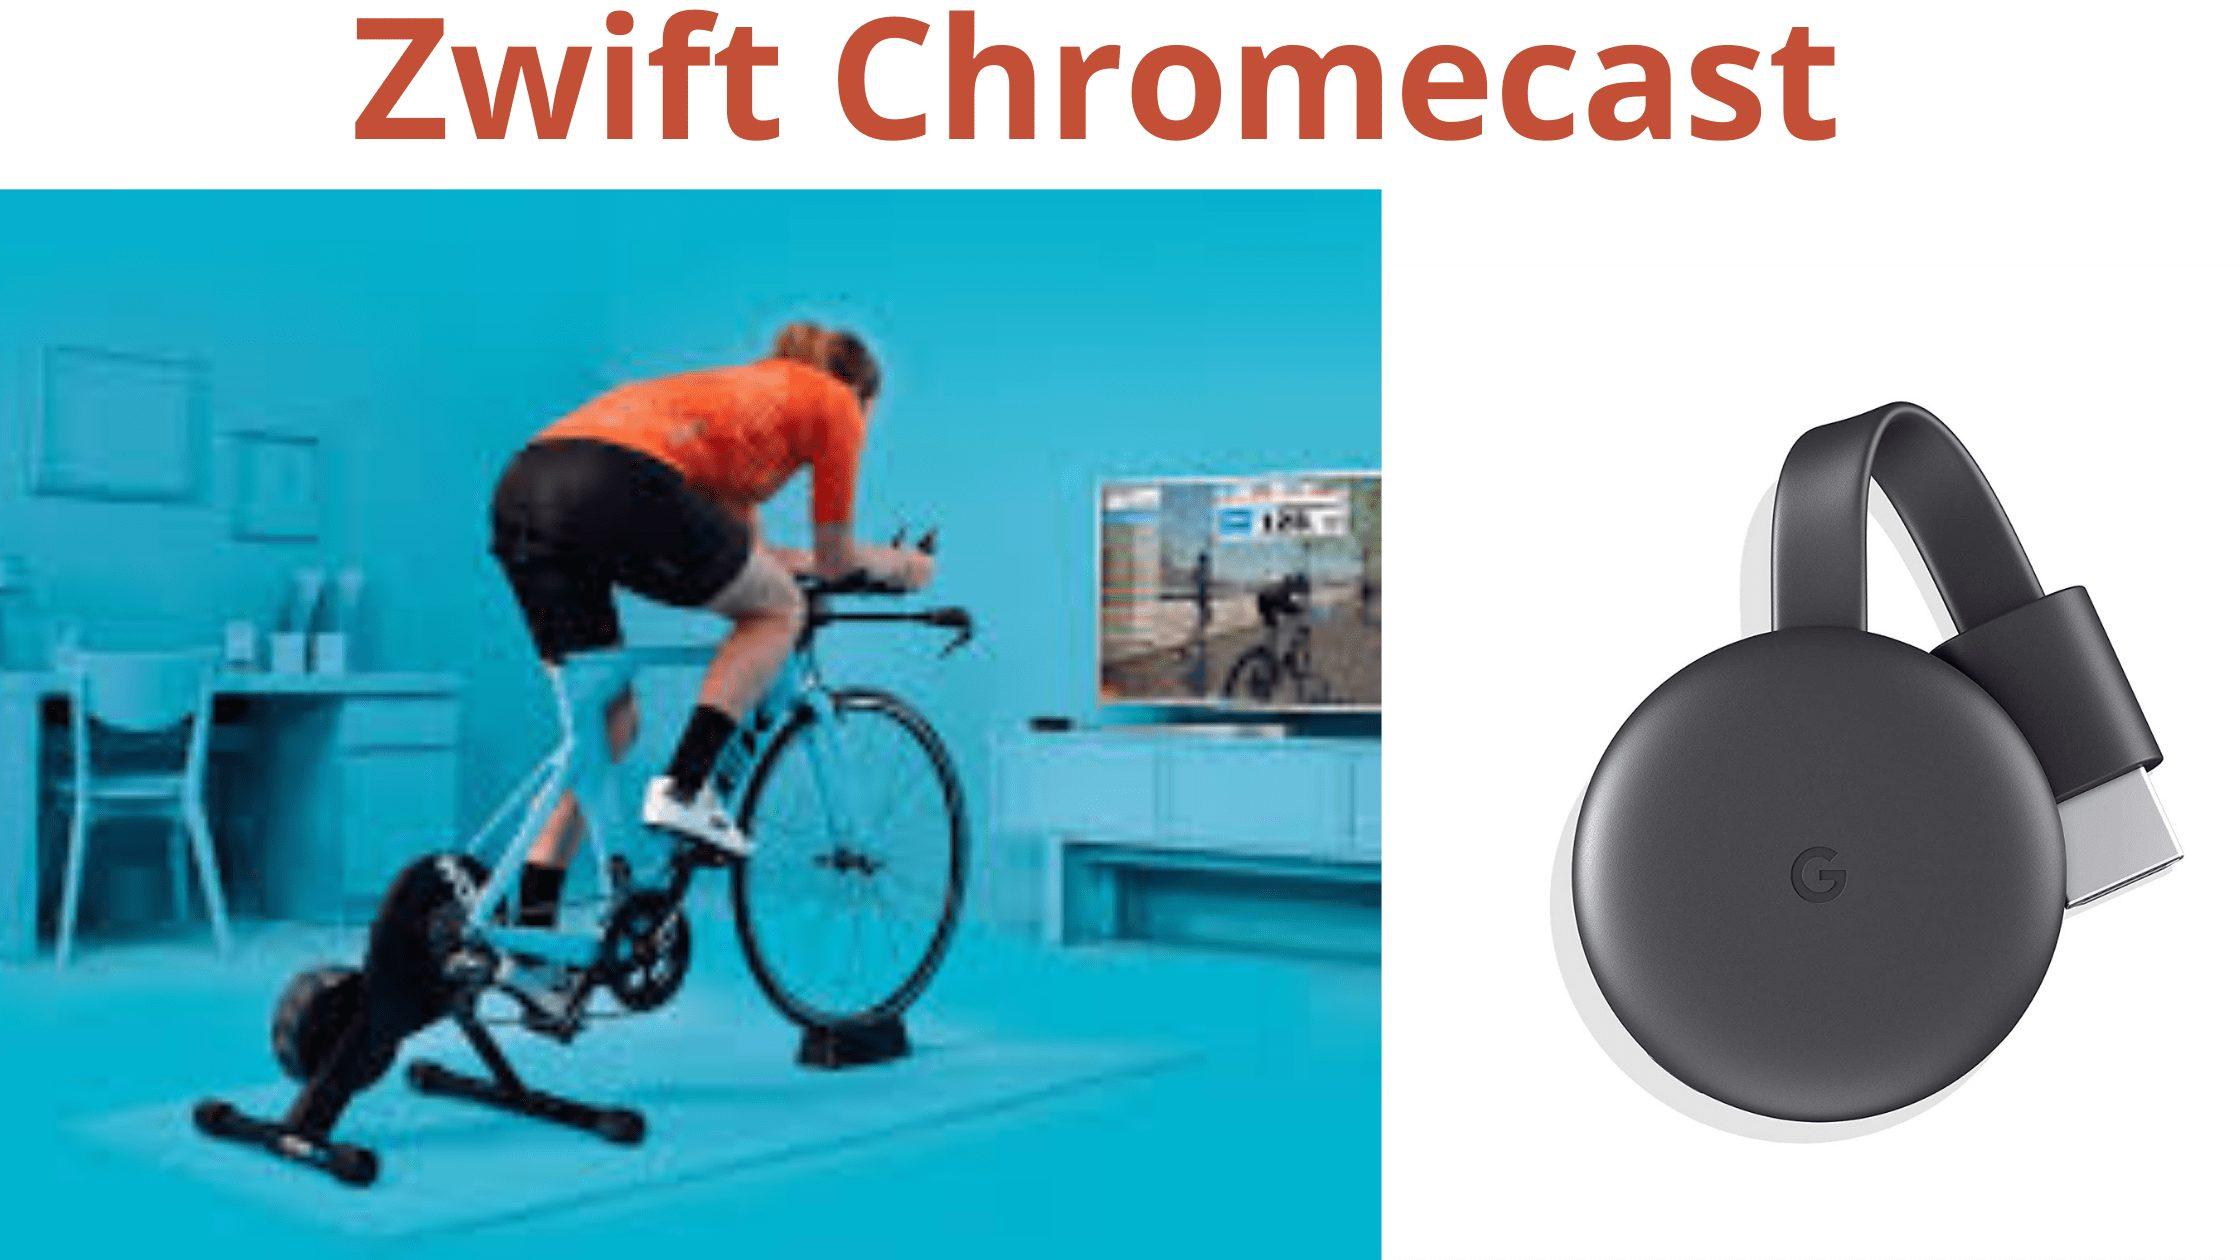 Zwift Chromecast